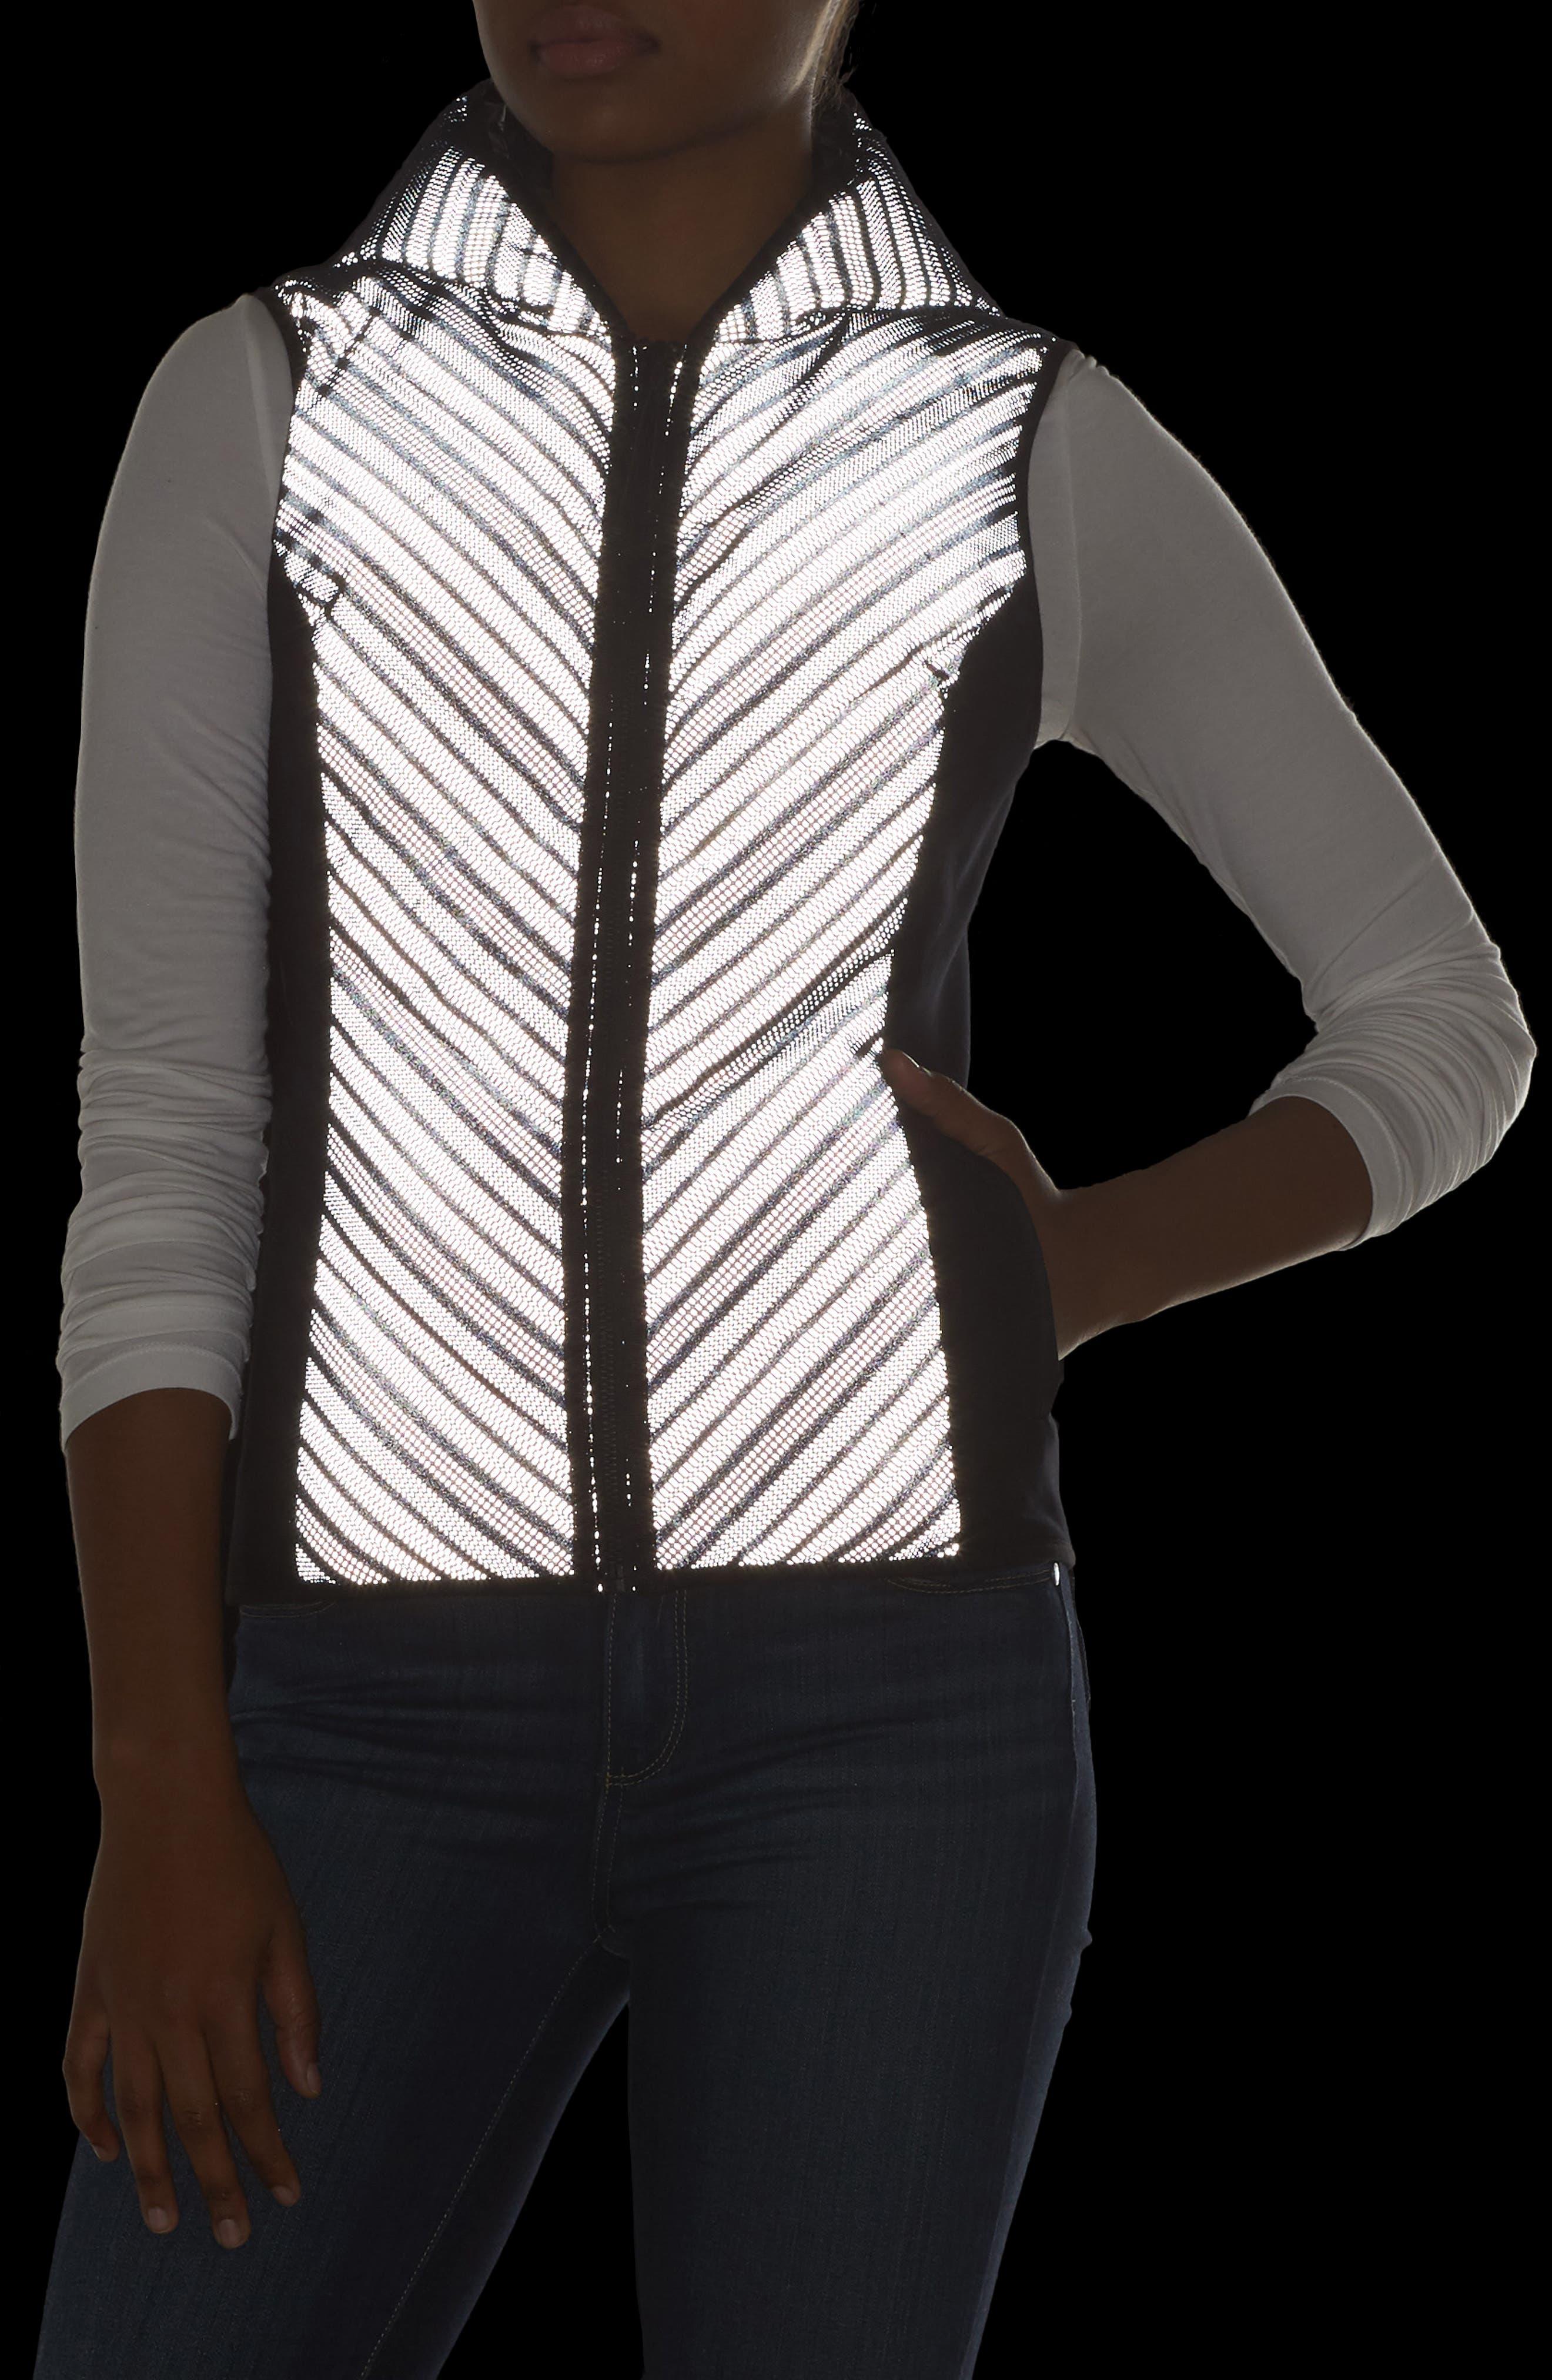 Chevron Reflective Down Vest,                             Alternate thumbnail 4, color,                             Black